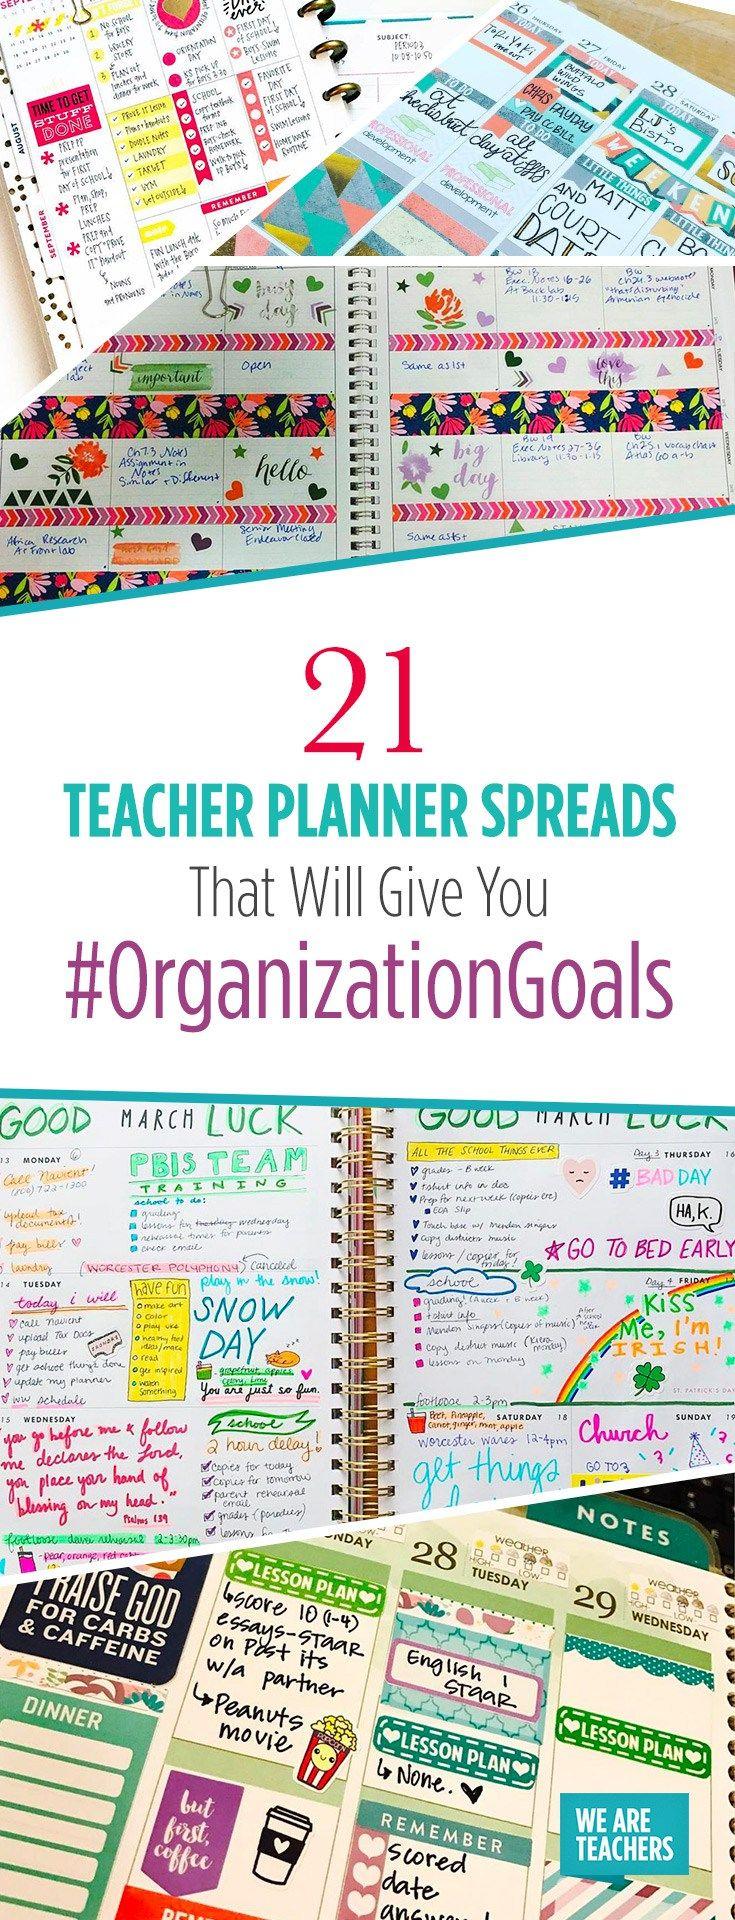 21 Teacher Planner Spreads That Will Give You #OrganizationGoals - WeAreTeachers